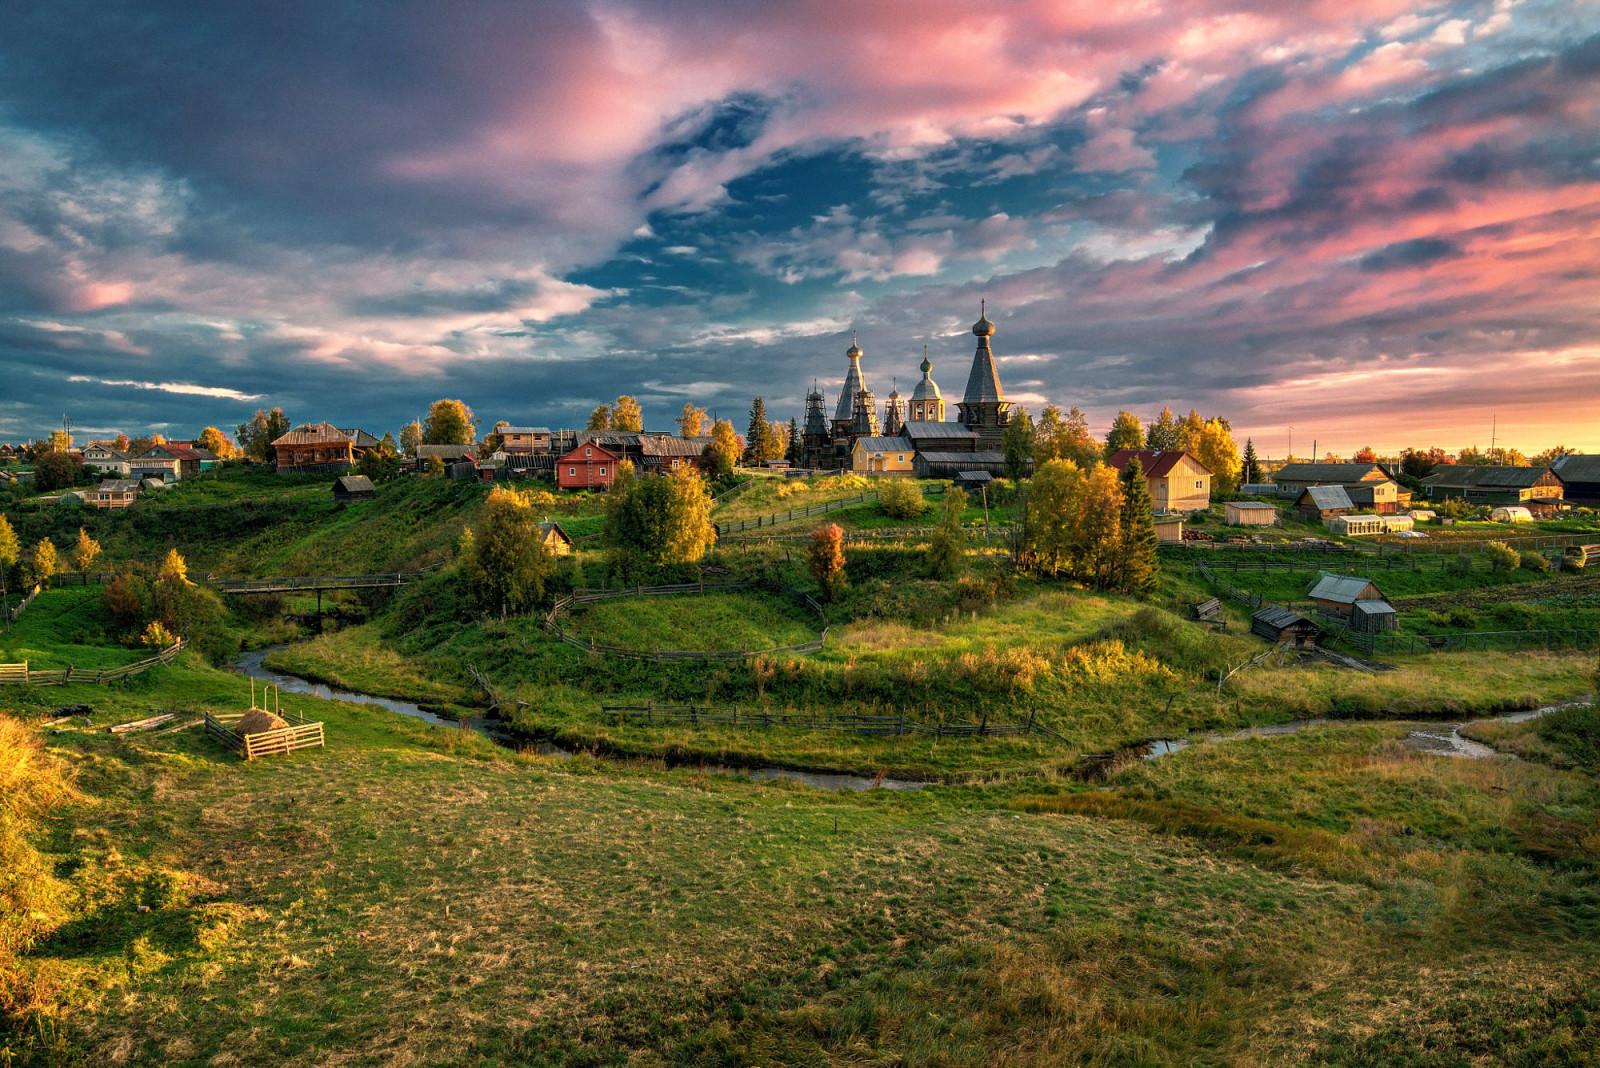 landscape_archangelsk_fall_Njonoksa_vill